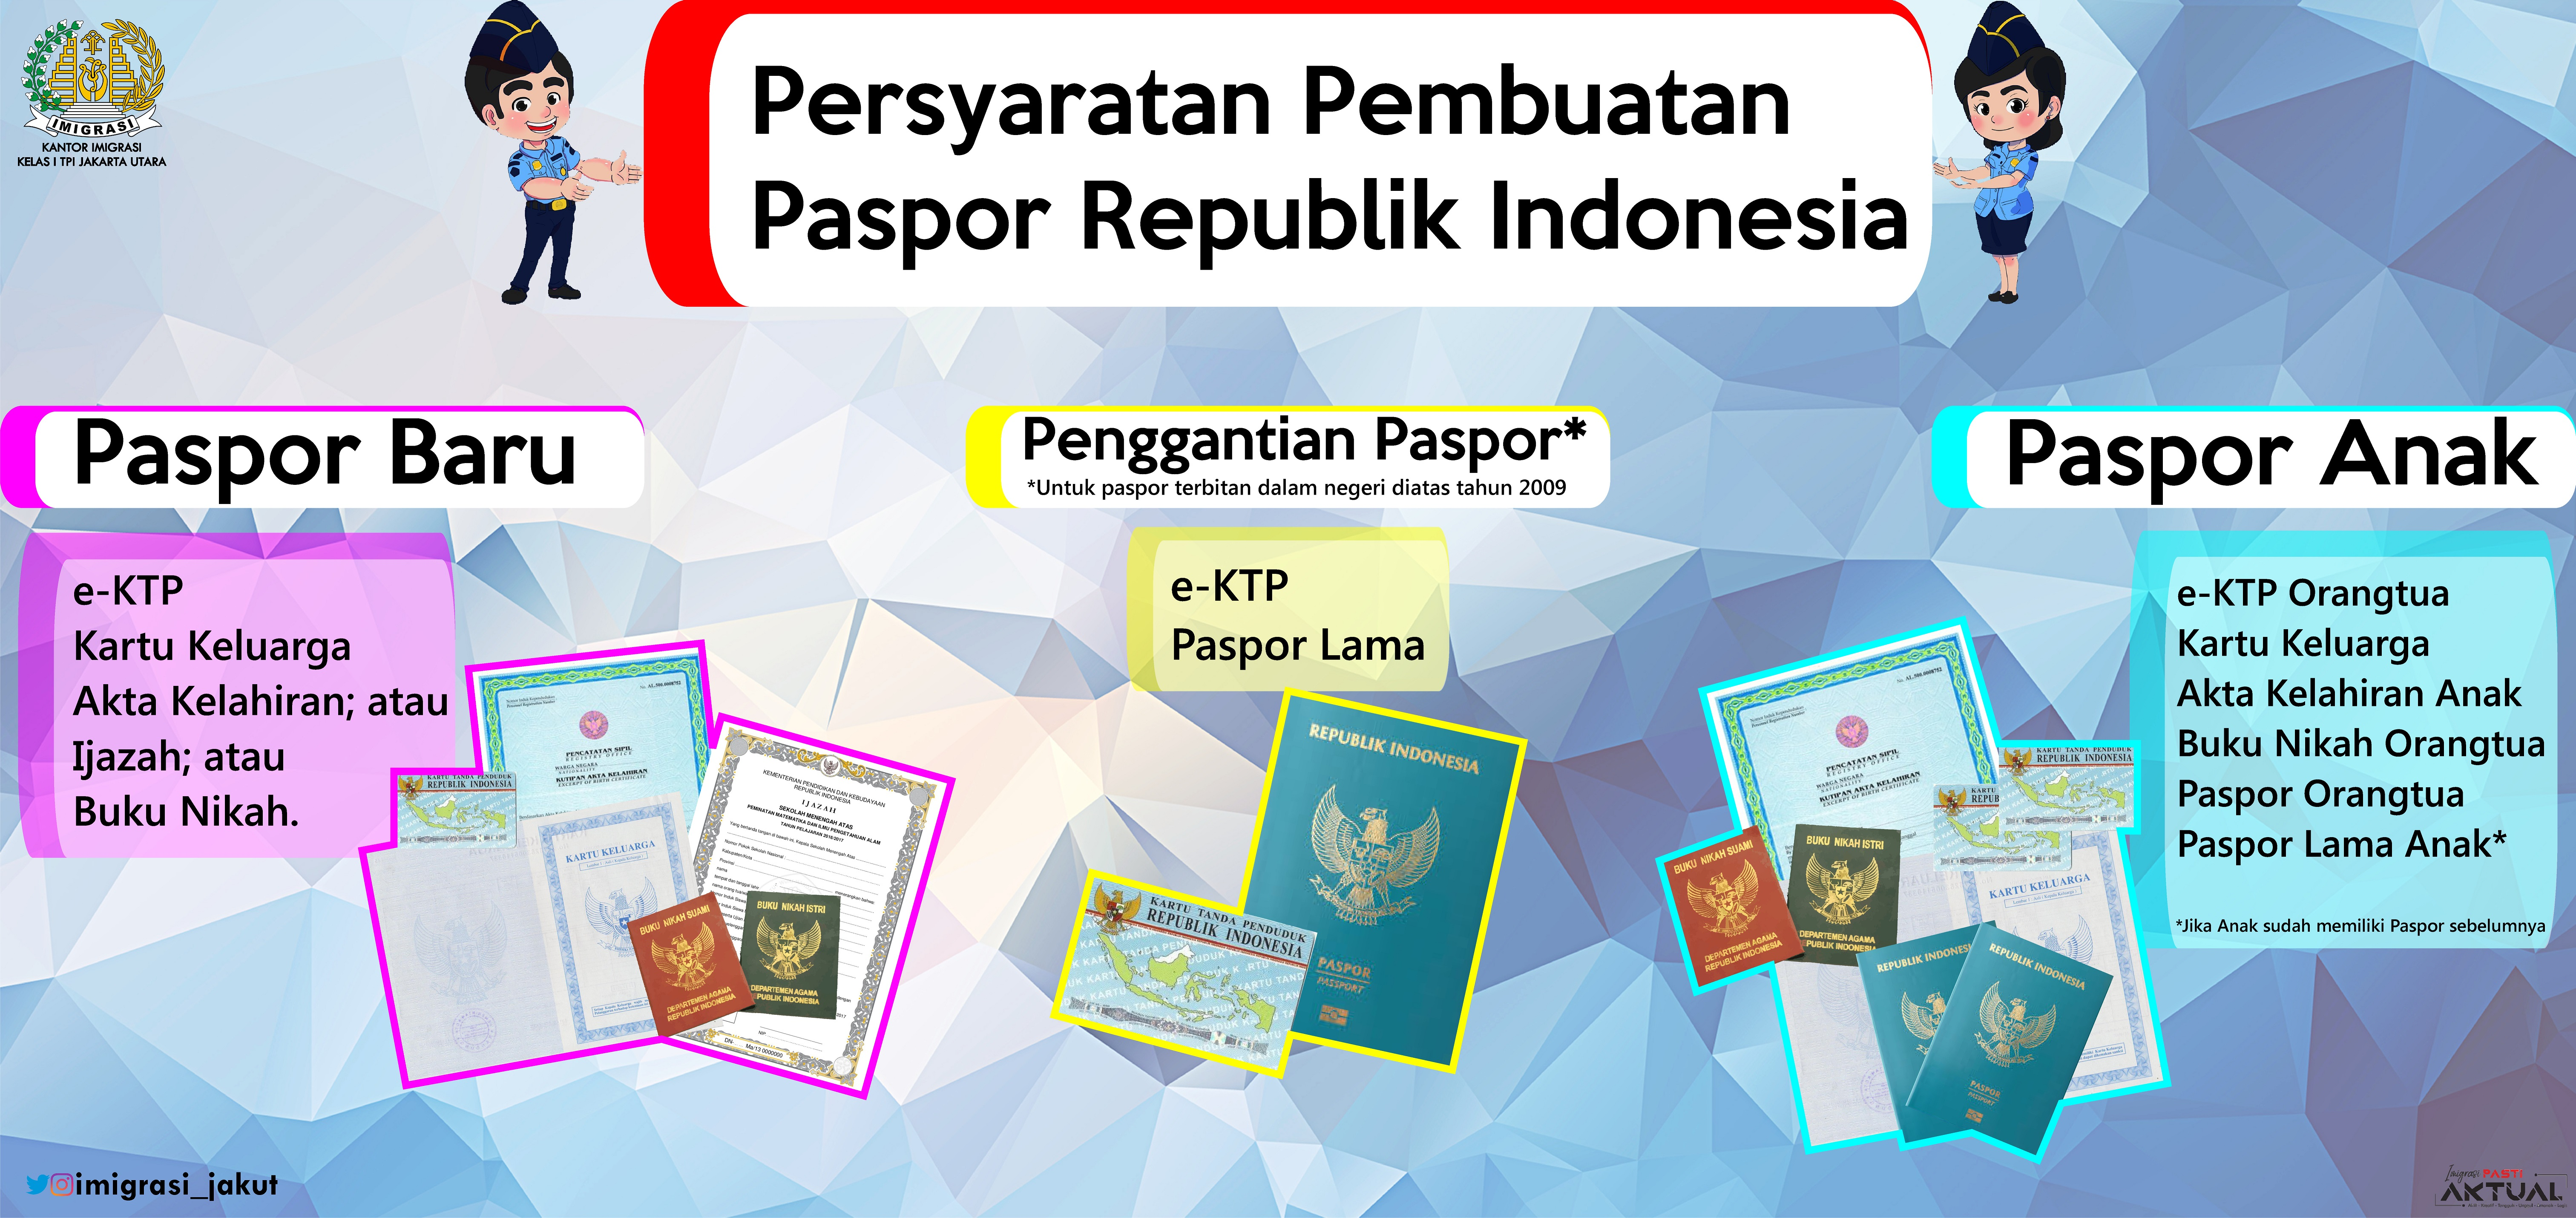 beranda syarat paspor